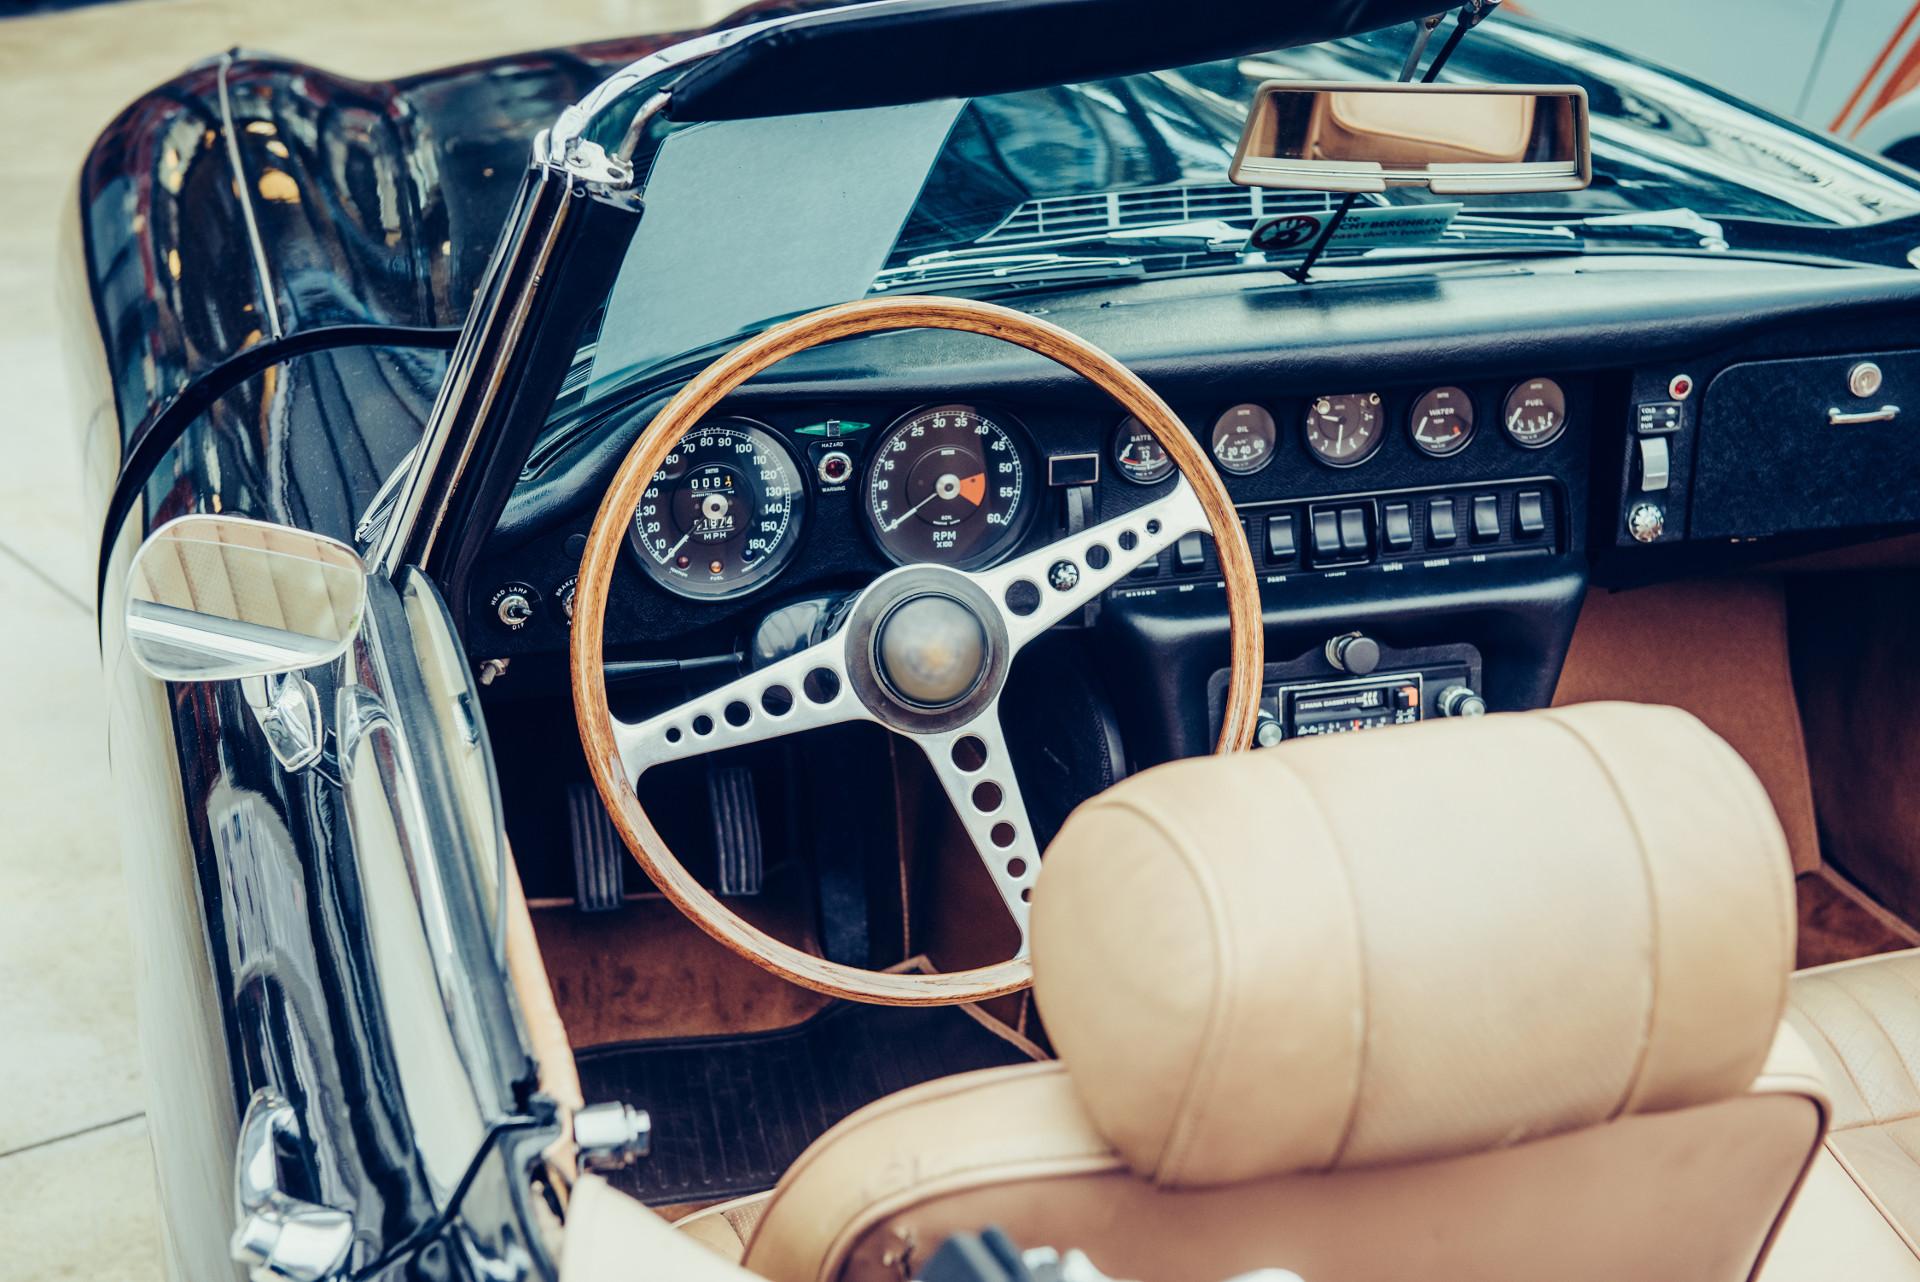 Auto clasico interior